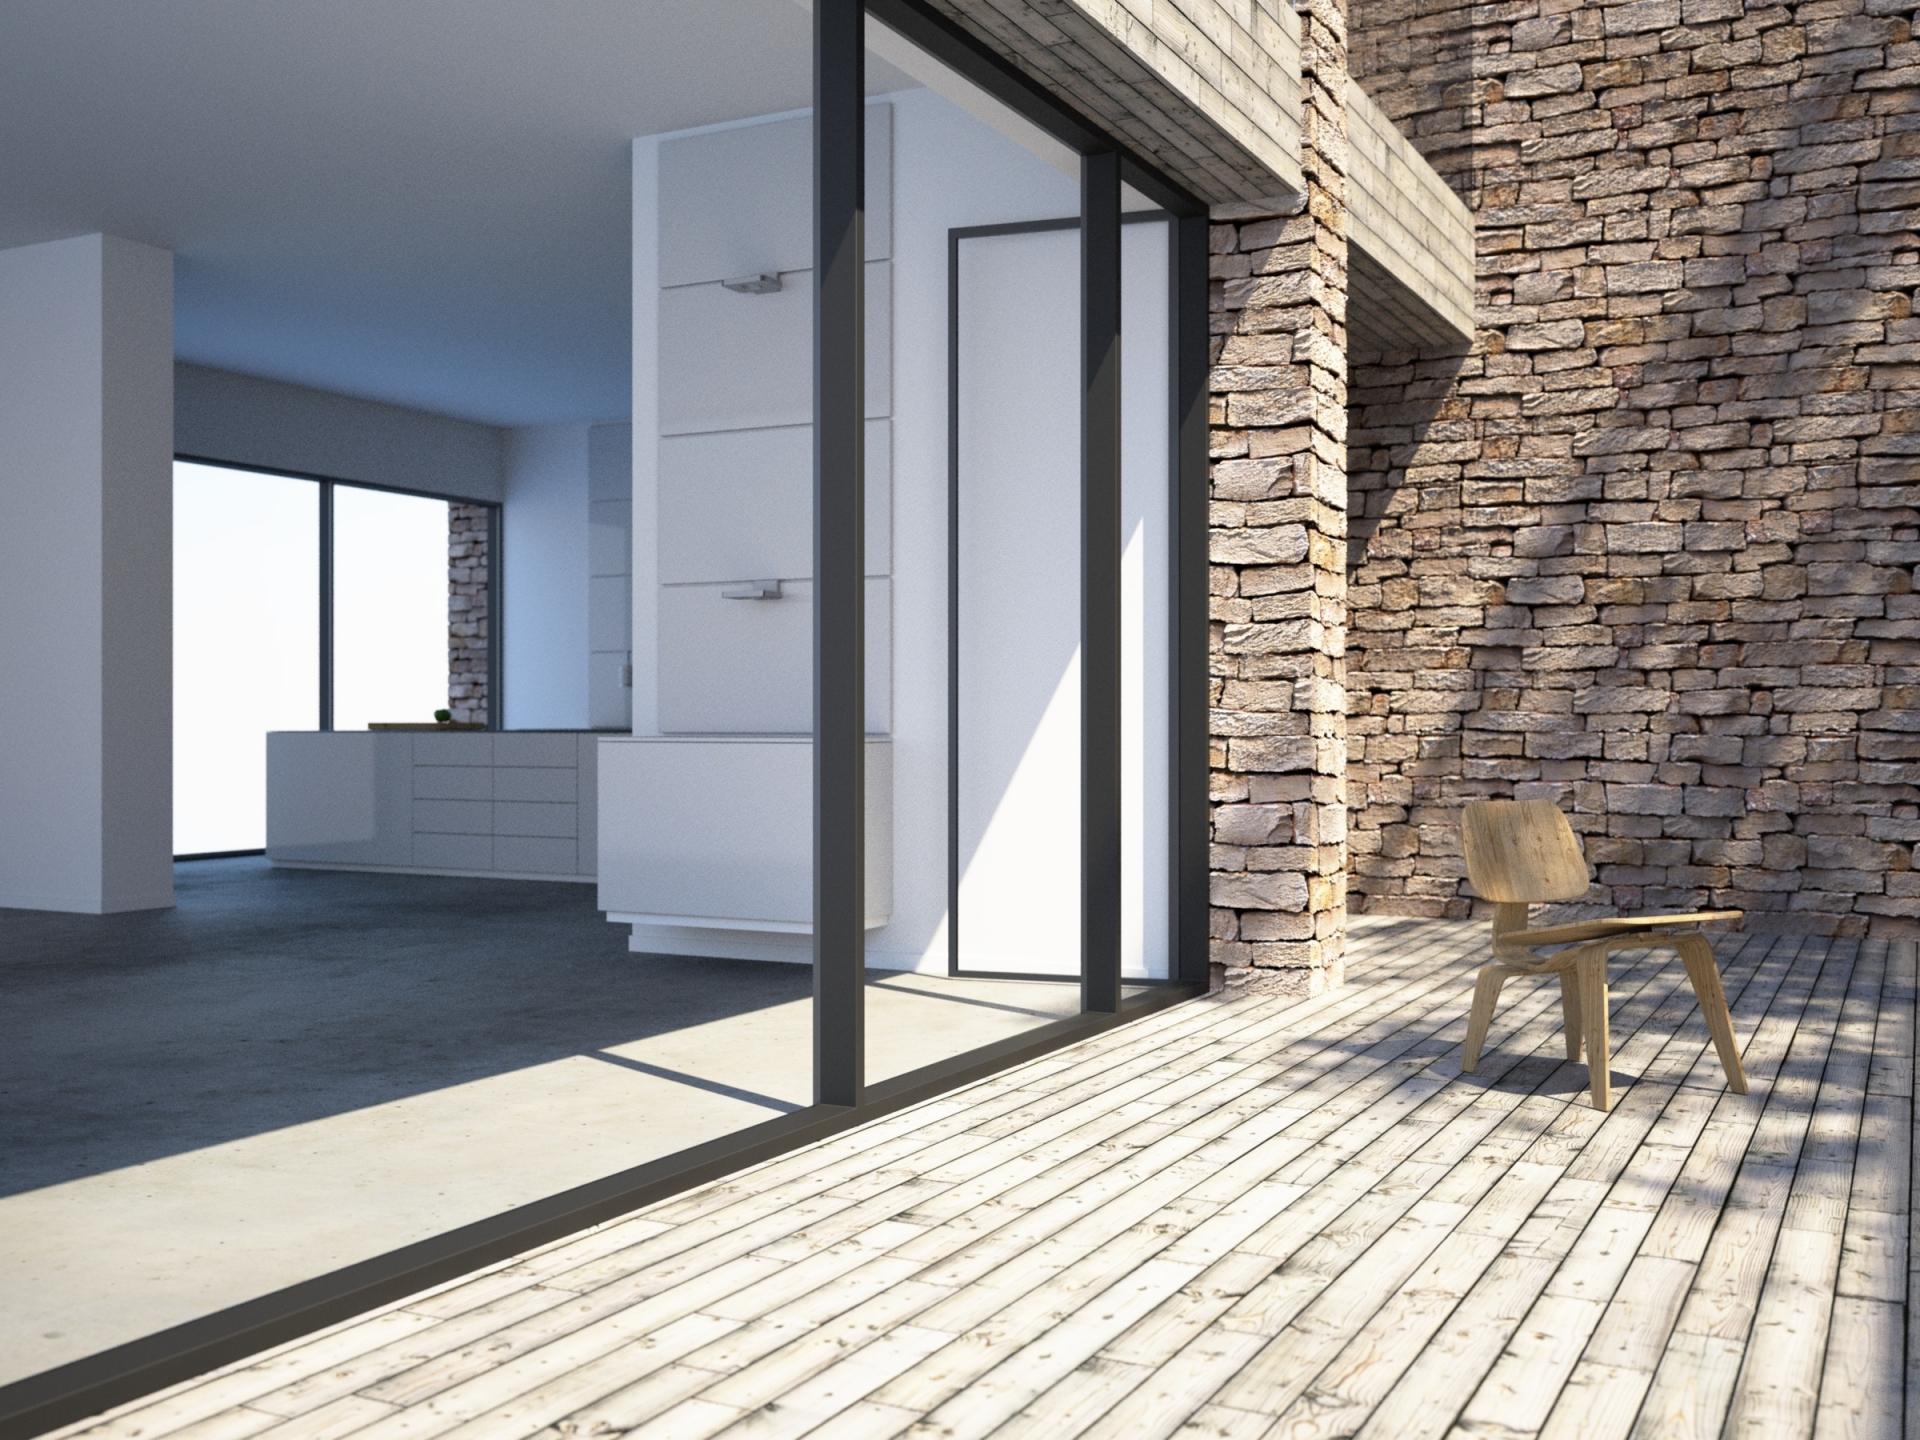 gestaltung farben aluplast. Black Bedroom Furniture Sets. Home Design Ideas